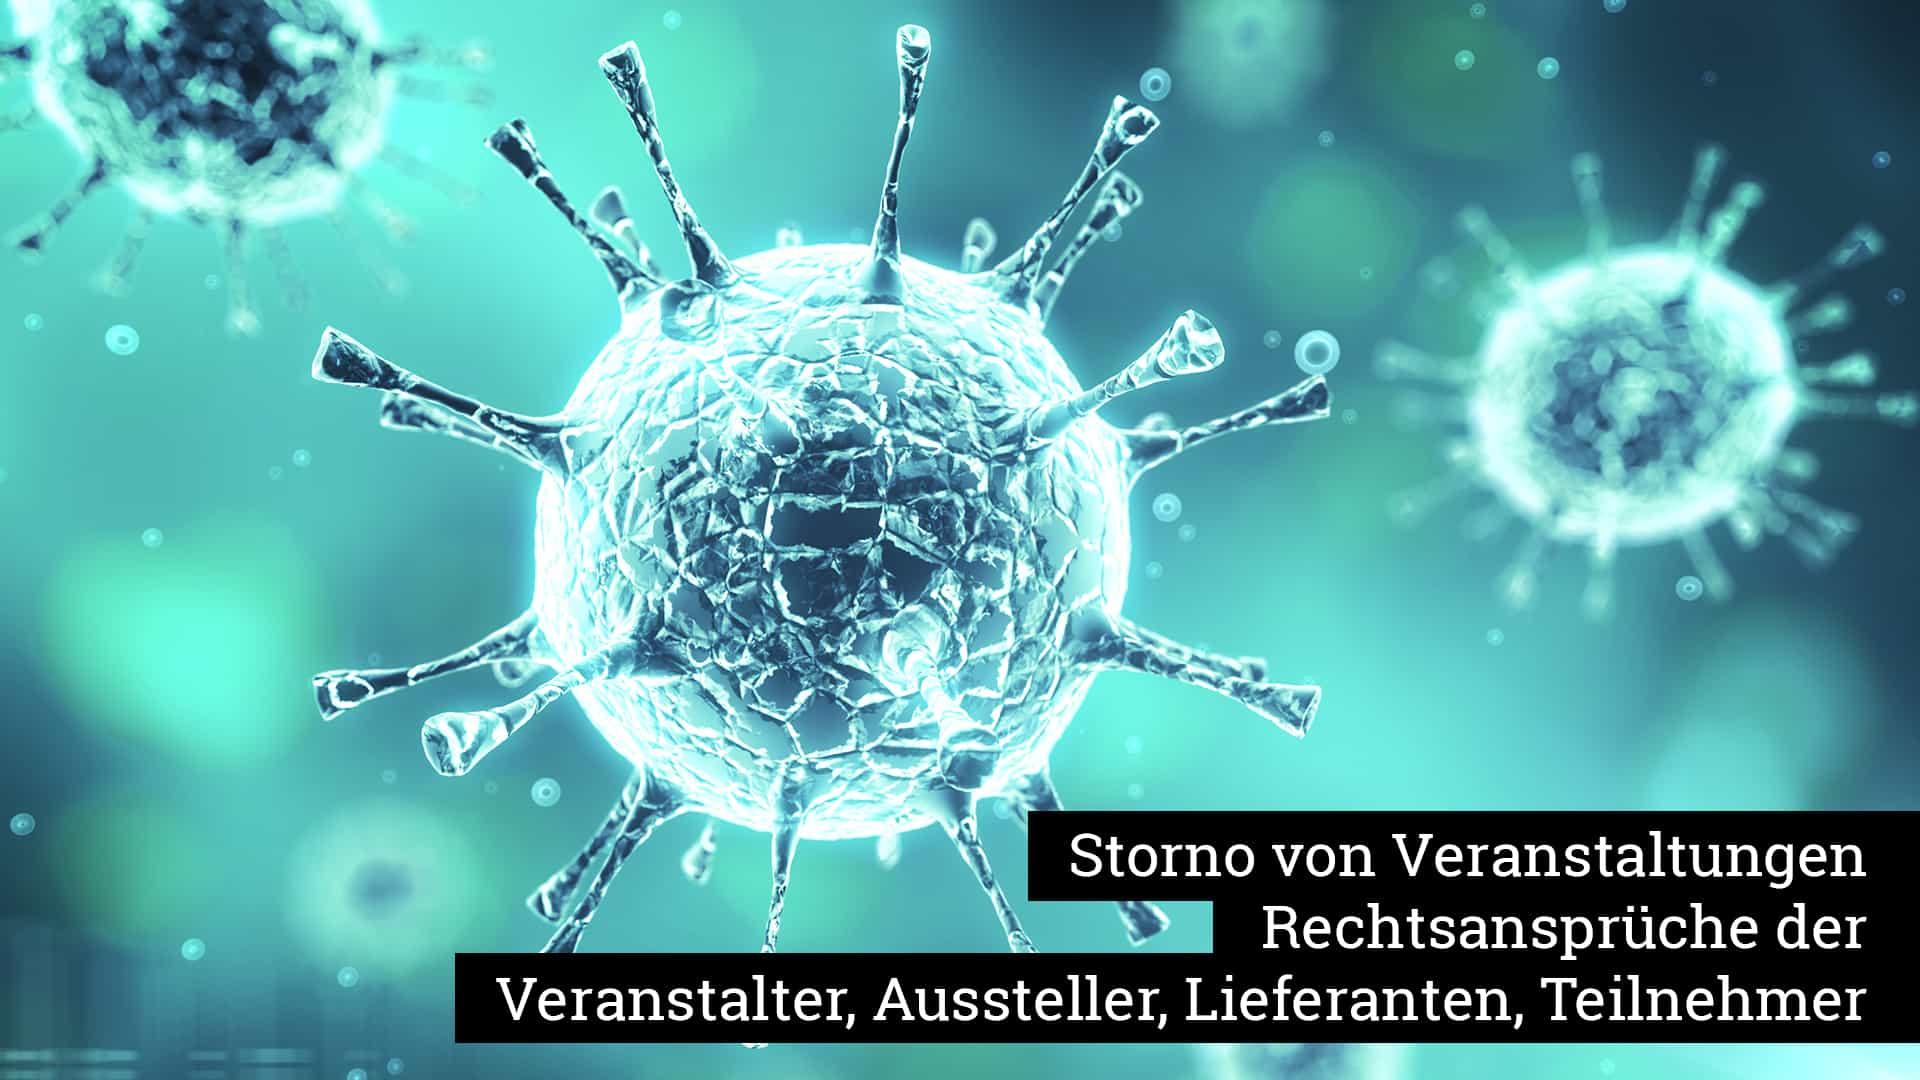 Storno von Veranstaltungen aufgrund des Corona-Virus